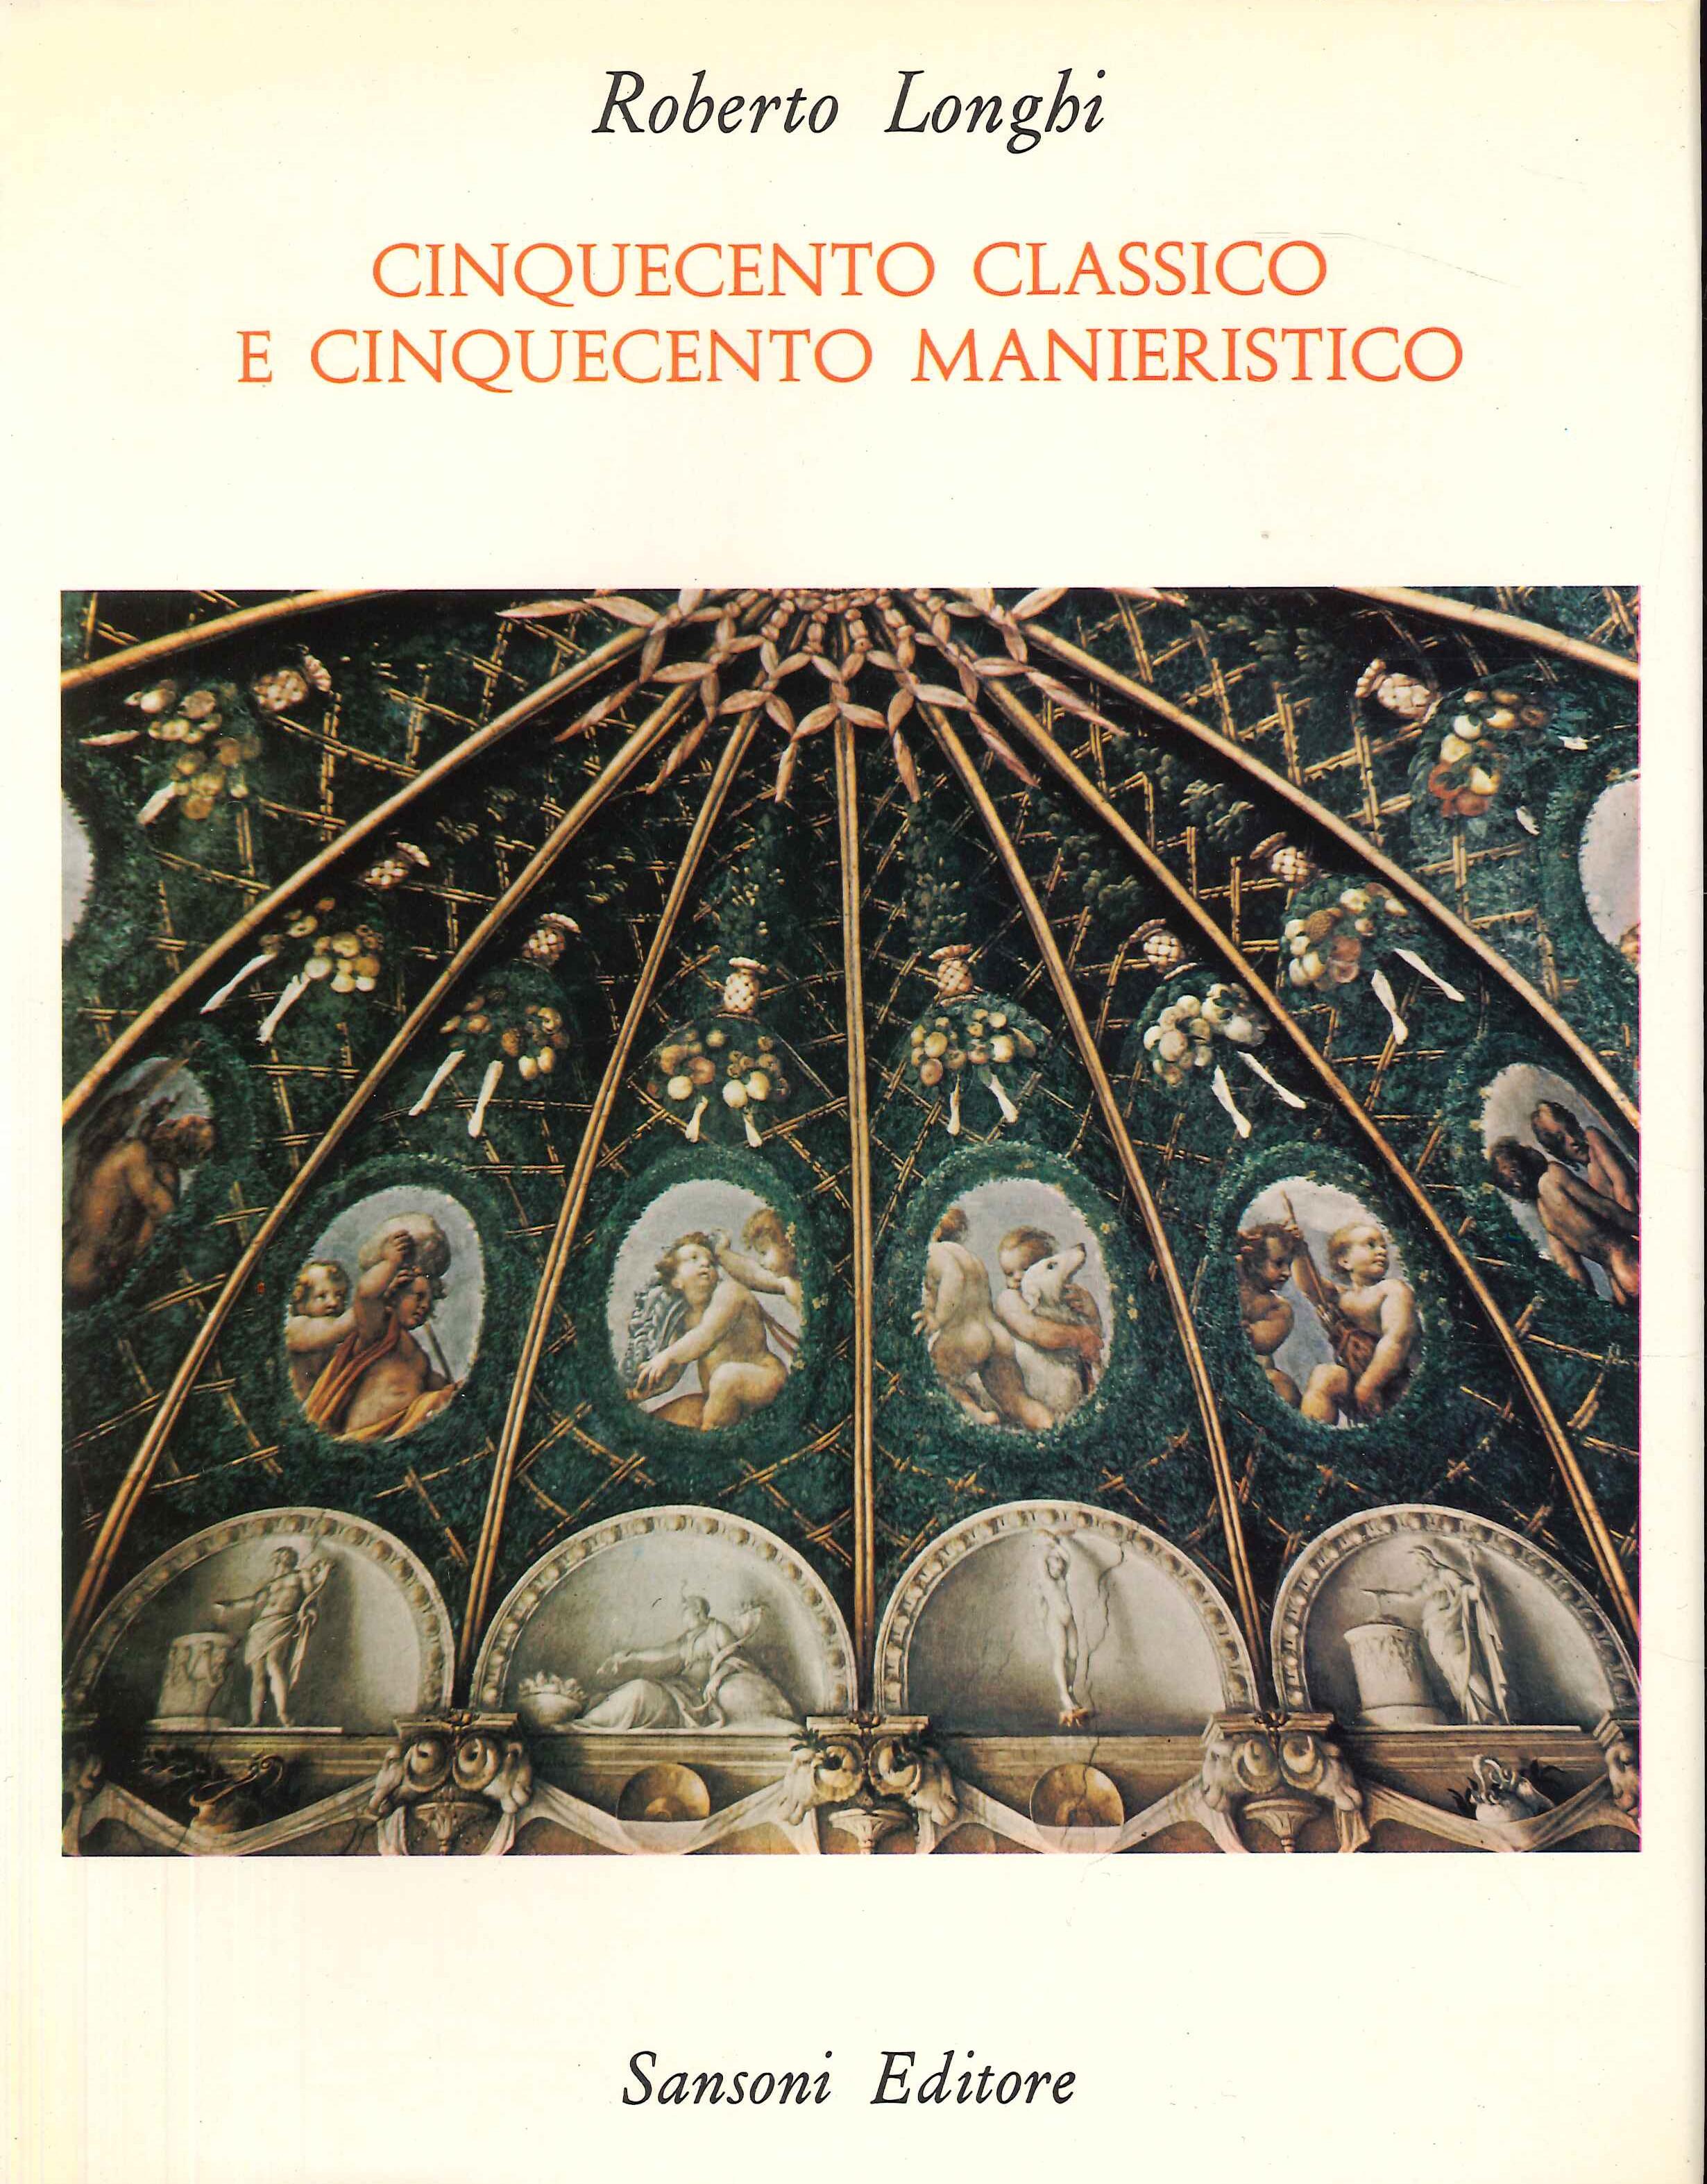 Cinquecento classico e Cinquecento manieristico (1951-1970)